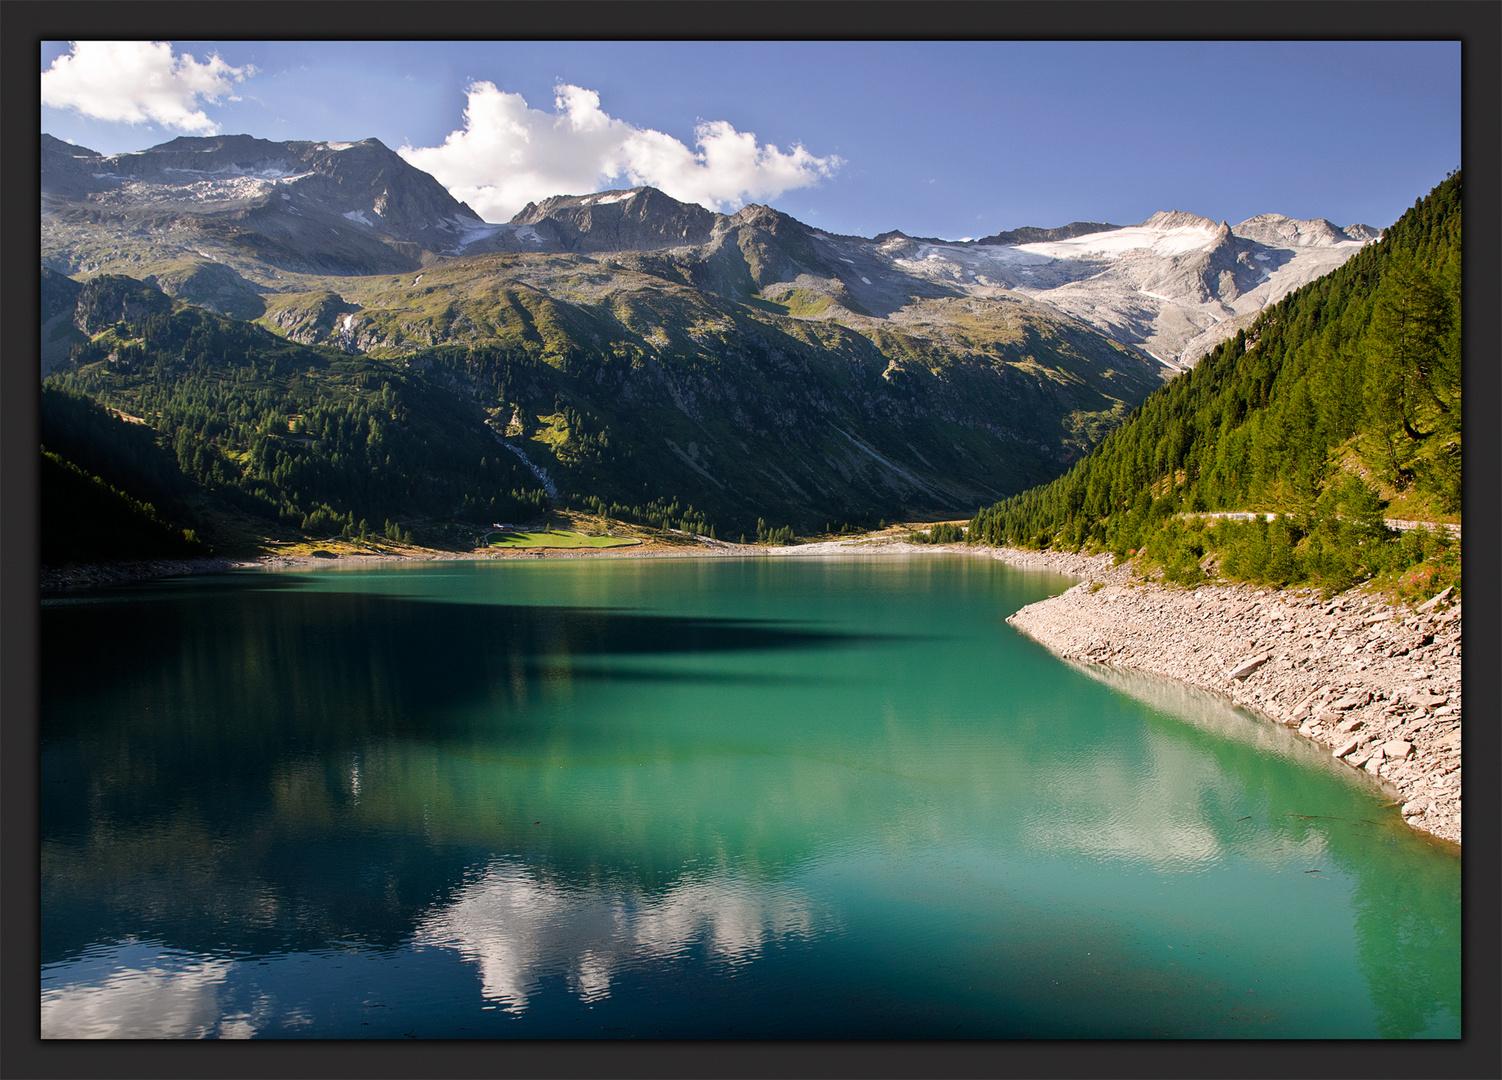 Lago di neves foto immagini paesaggi laghi e fiumi for Disegni di laghi